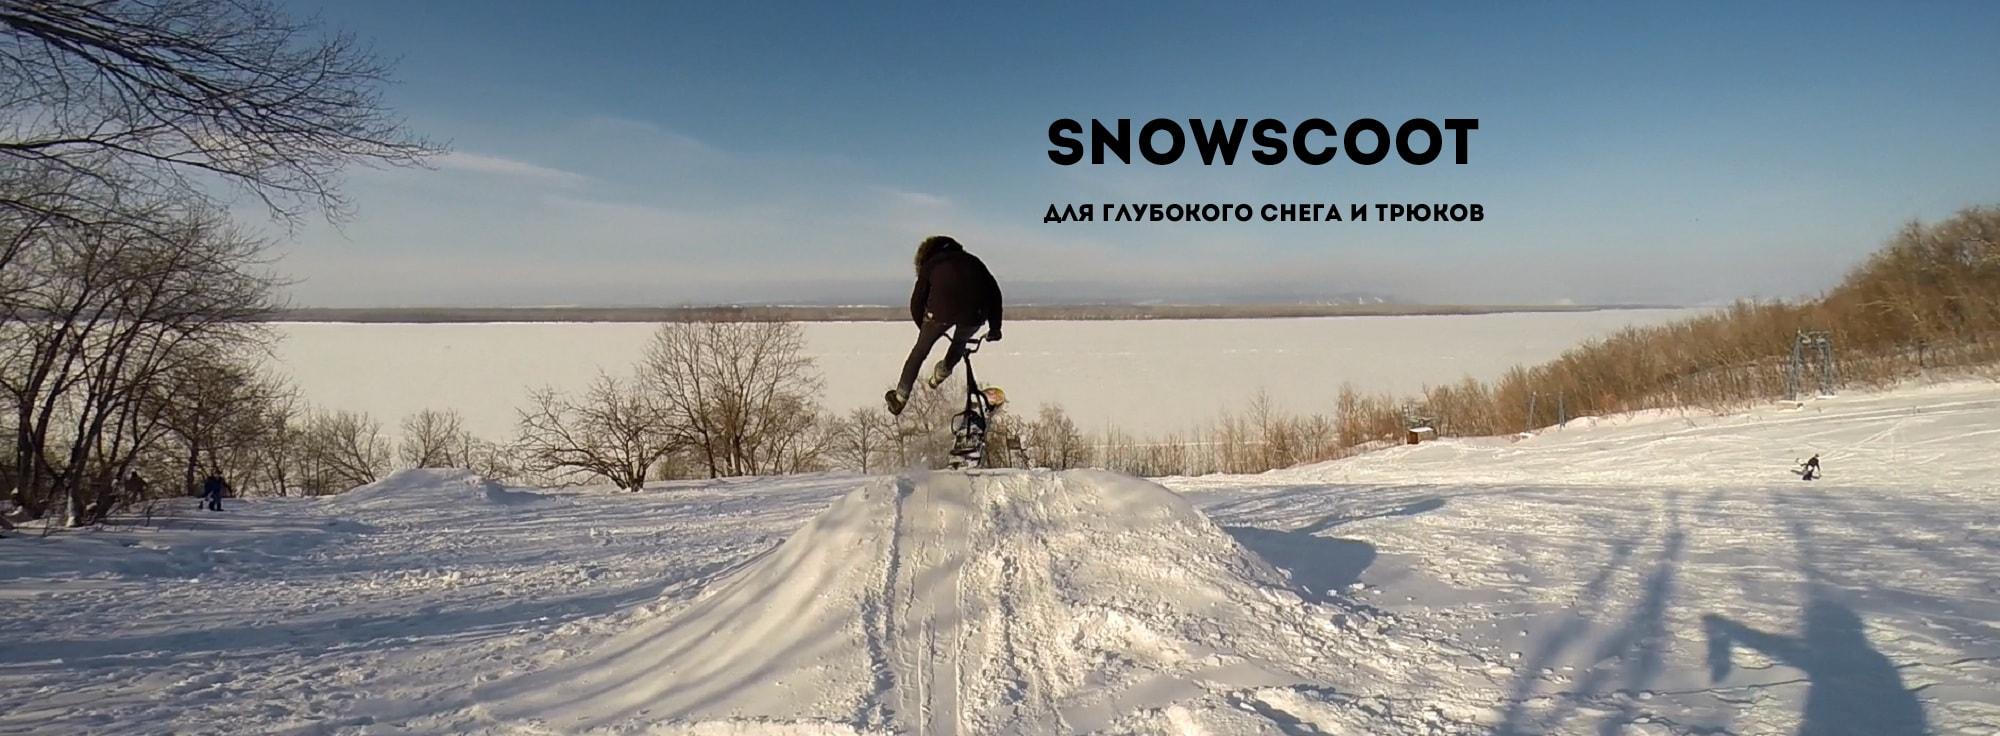 Snowscoot_5